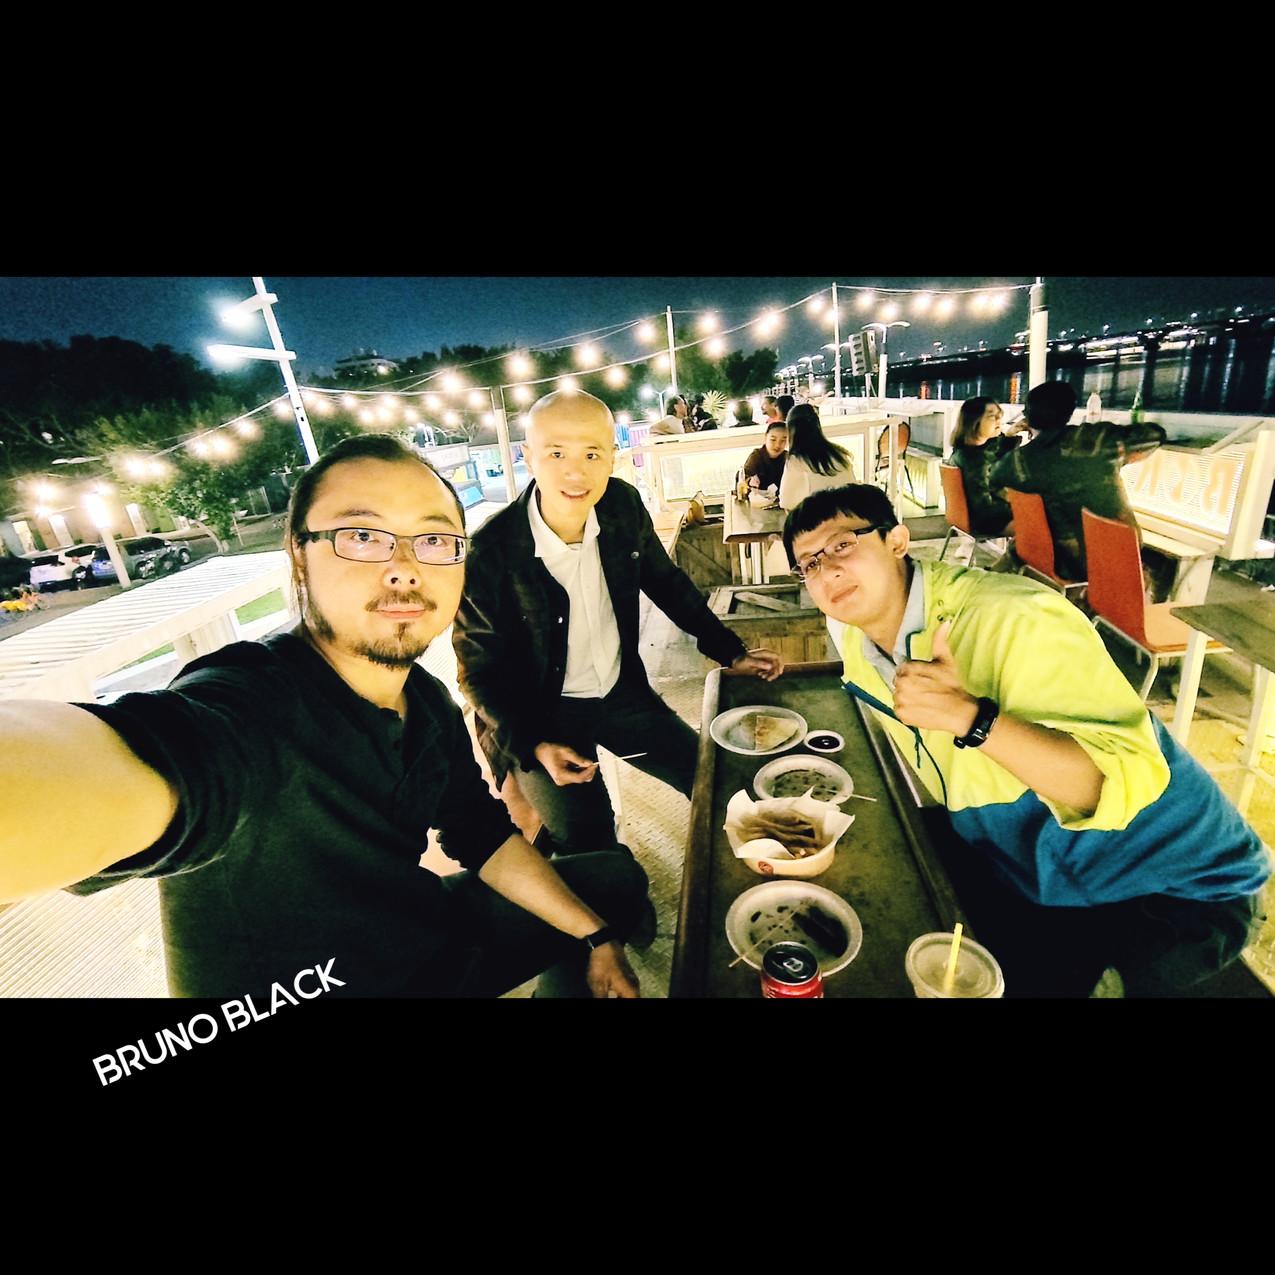 Photo_1571404763274